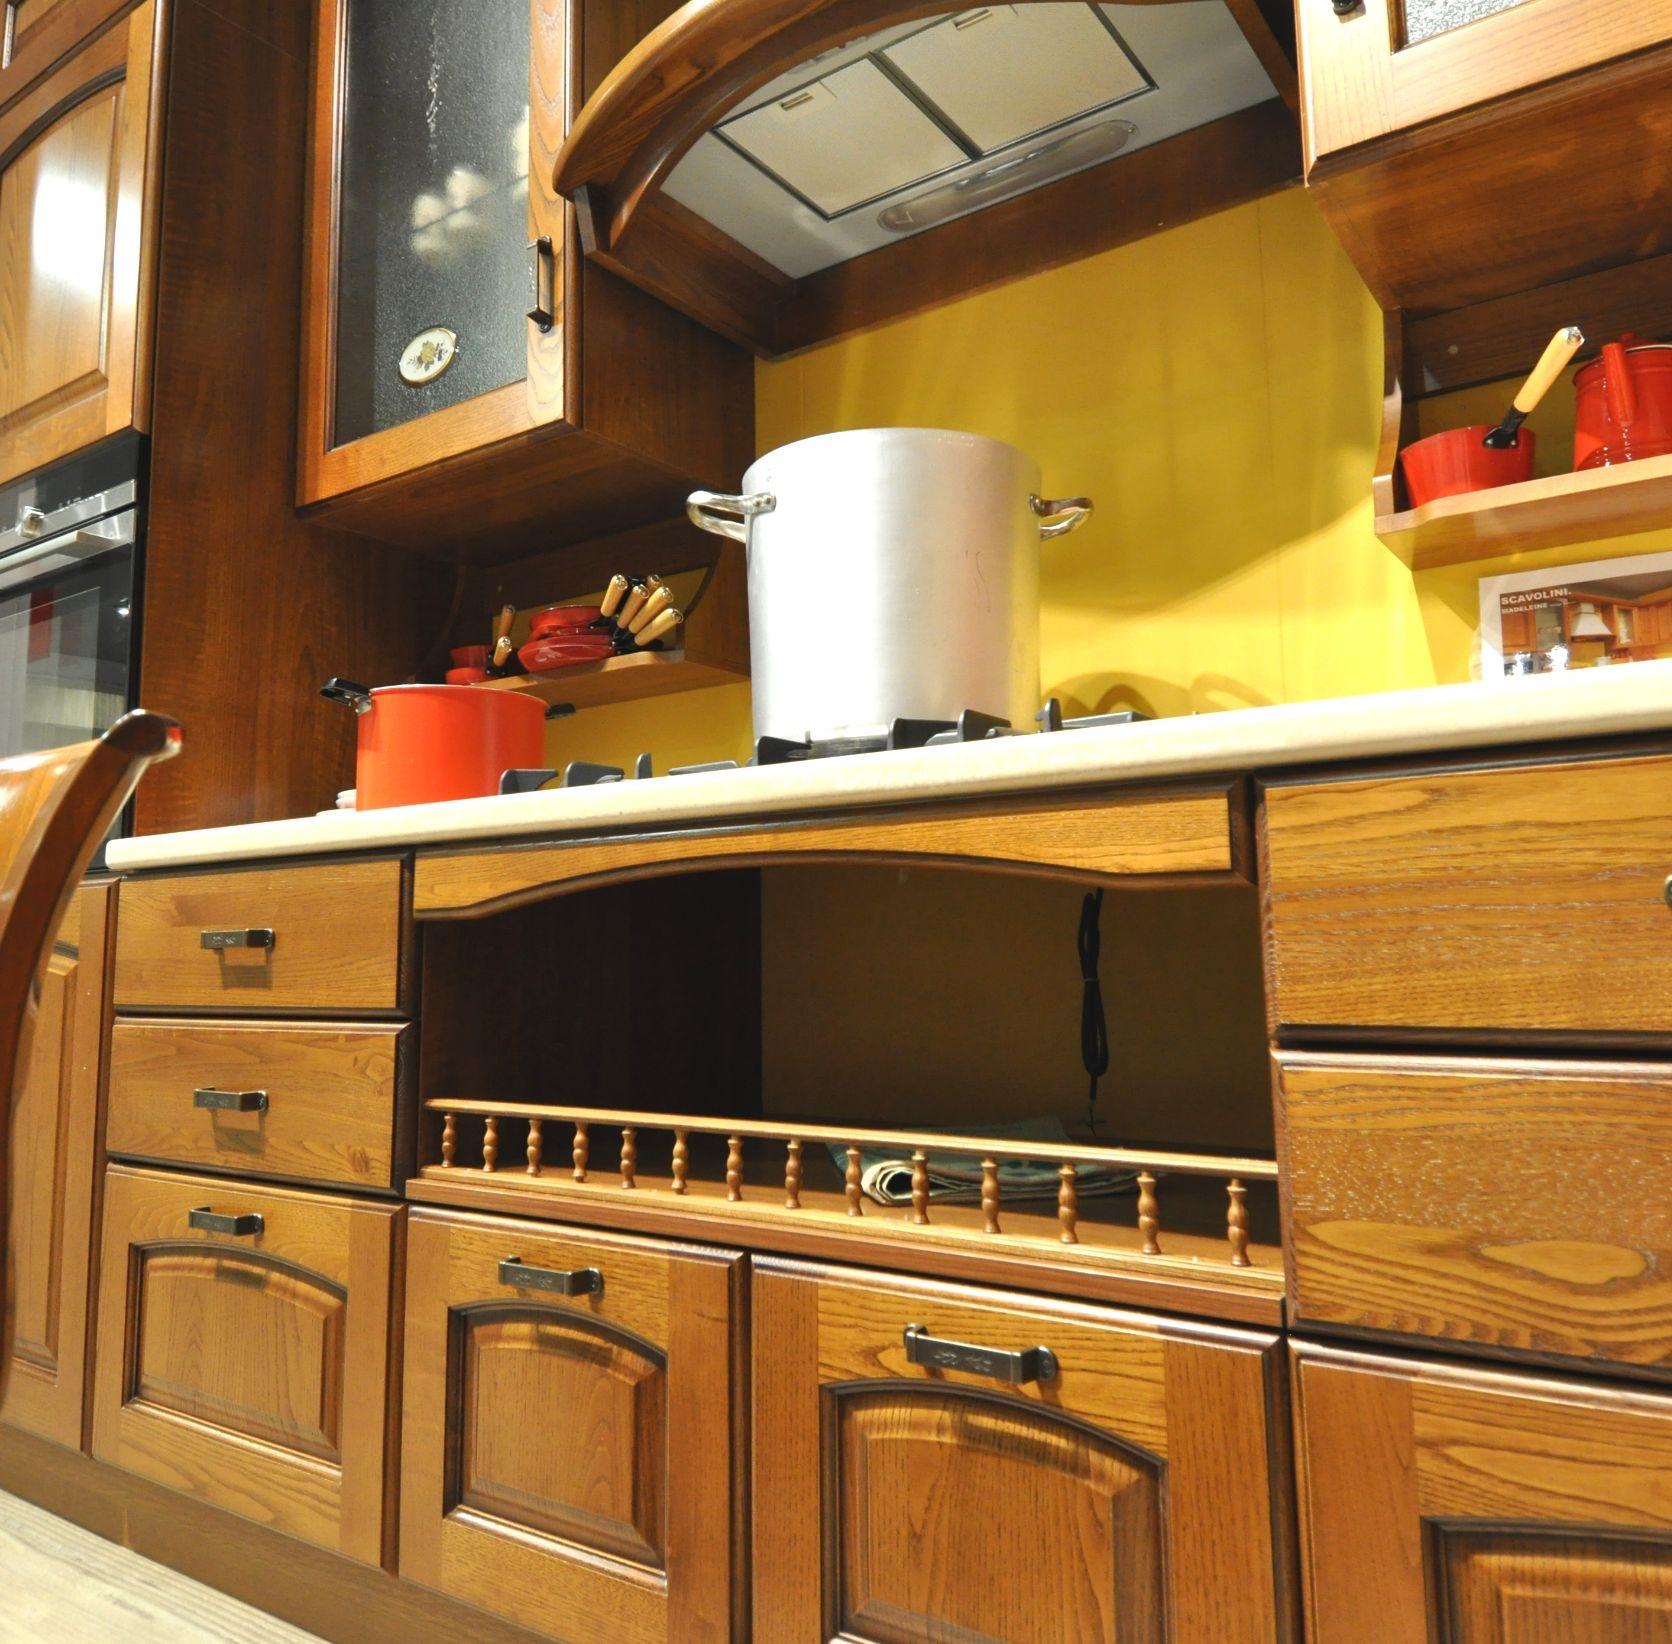 Cucina scavolini madeleine scontata del 40 cucine a prezzi scontati - Cucina scavolini madeleine ...